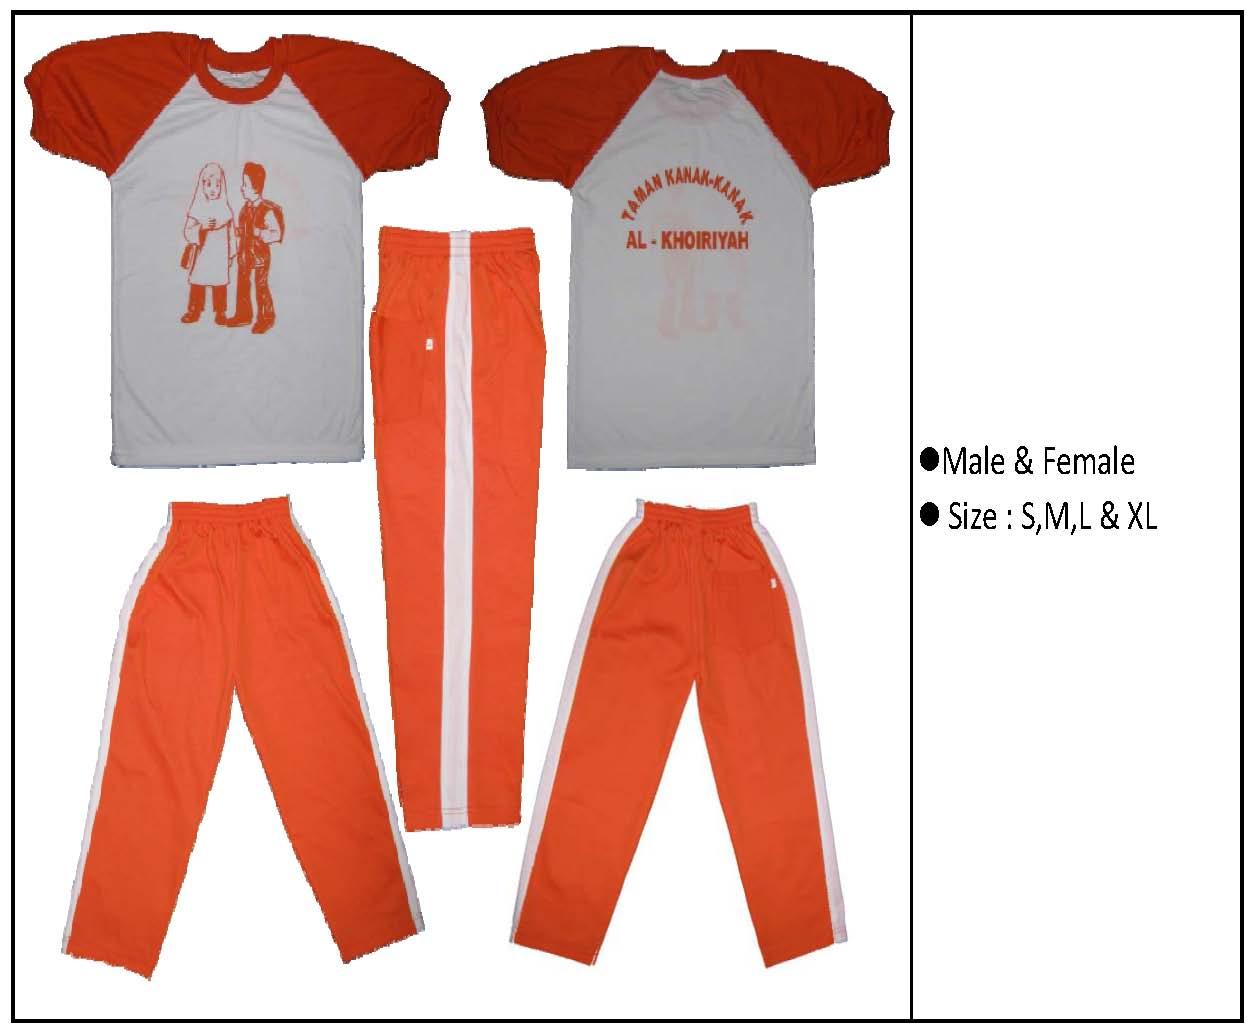 gambar koleksi baju seragam olahgara sekolah terbaru uutuk remaja ...